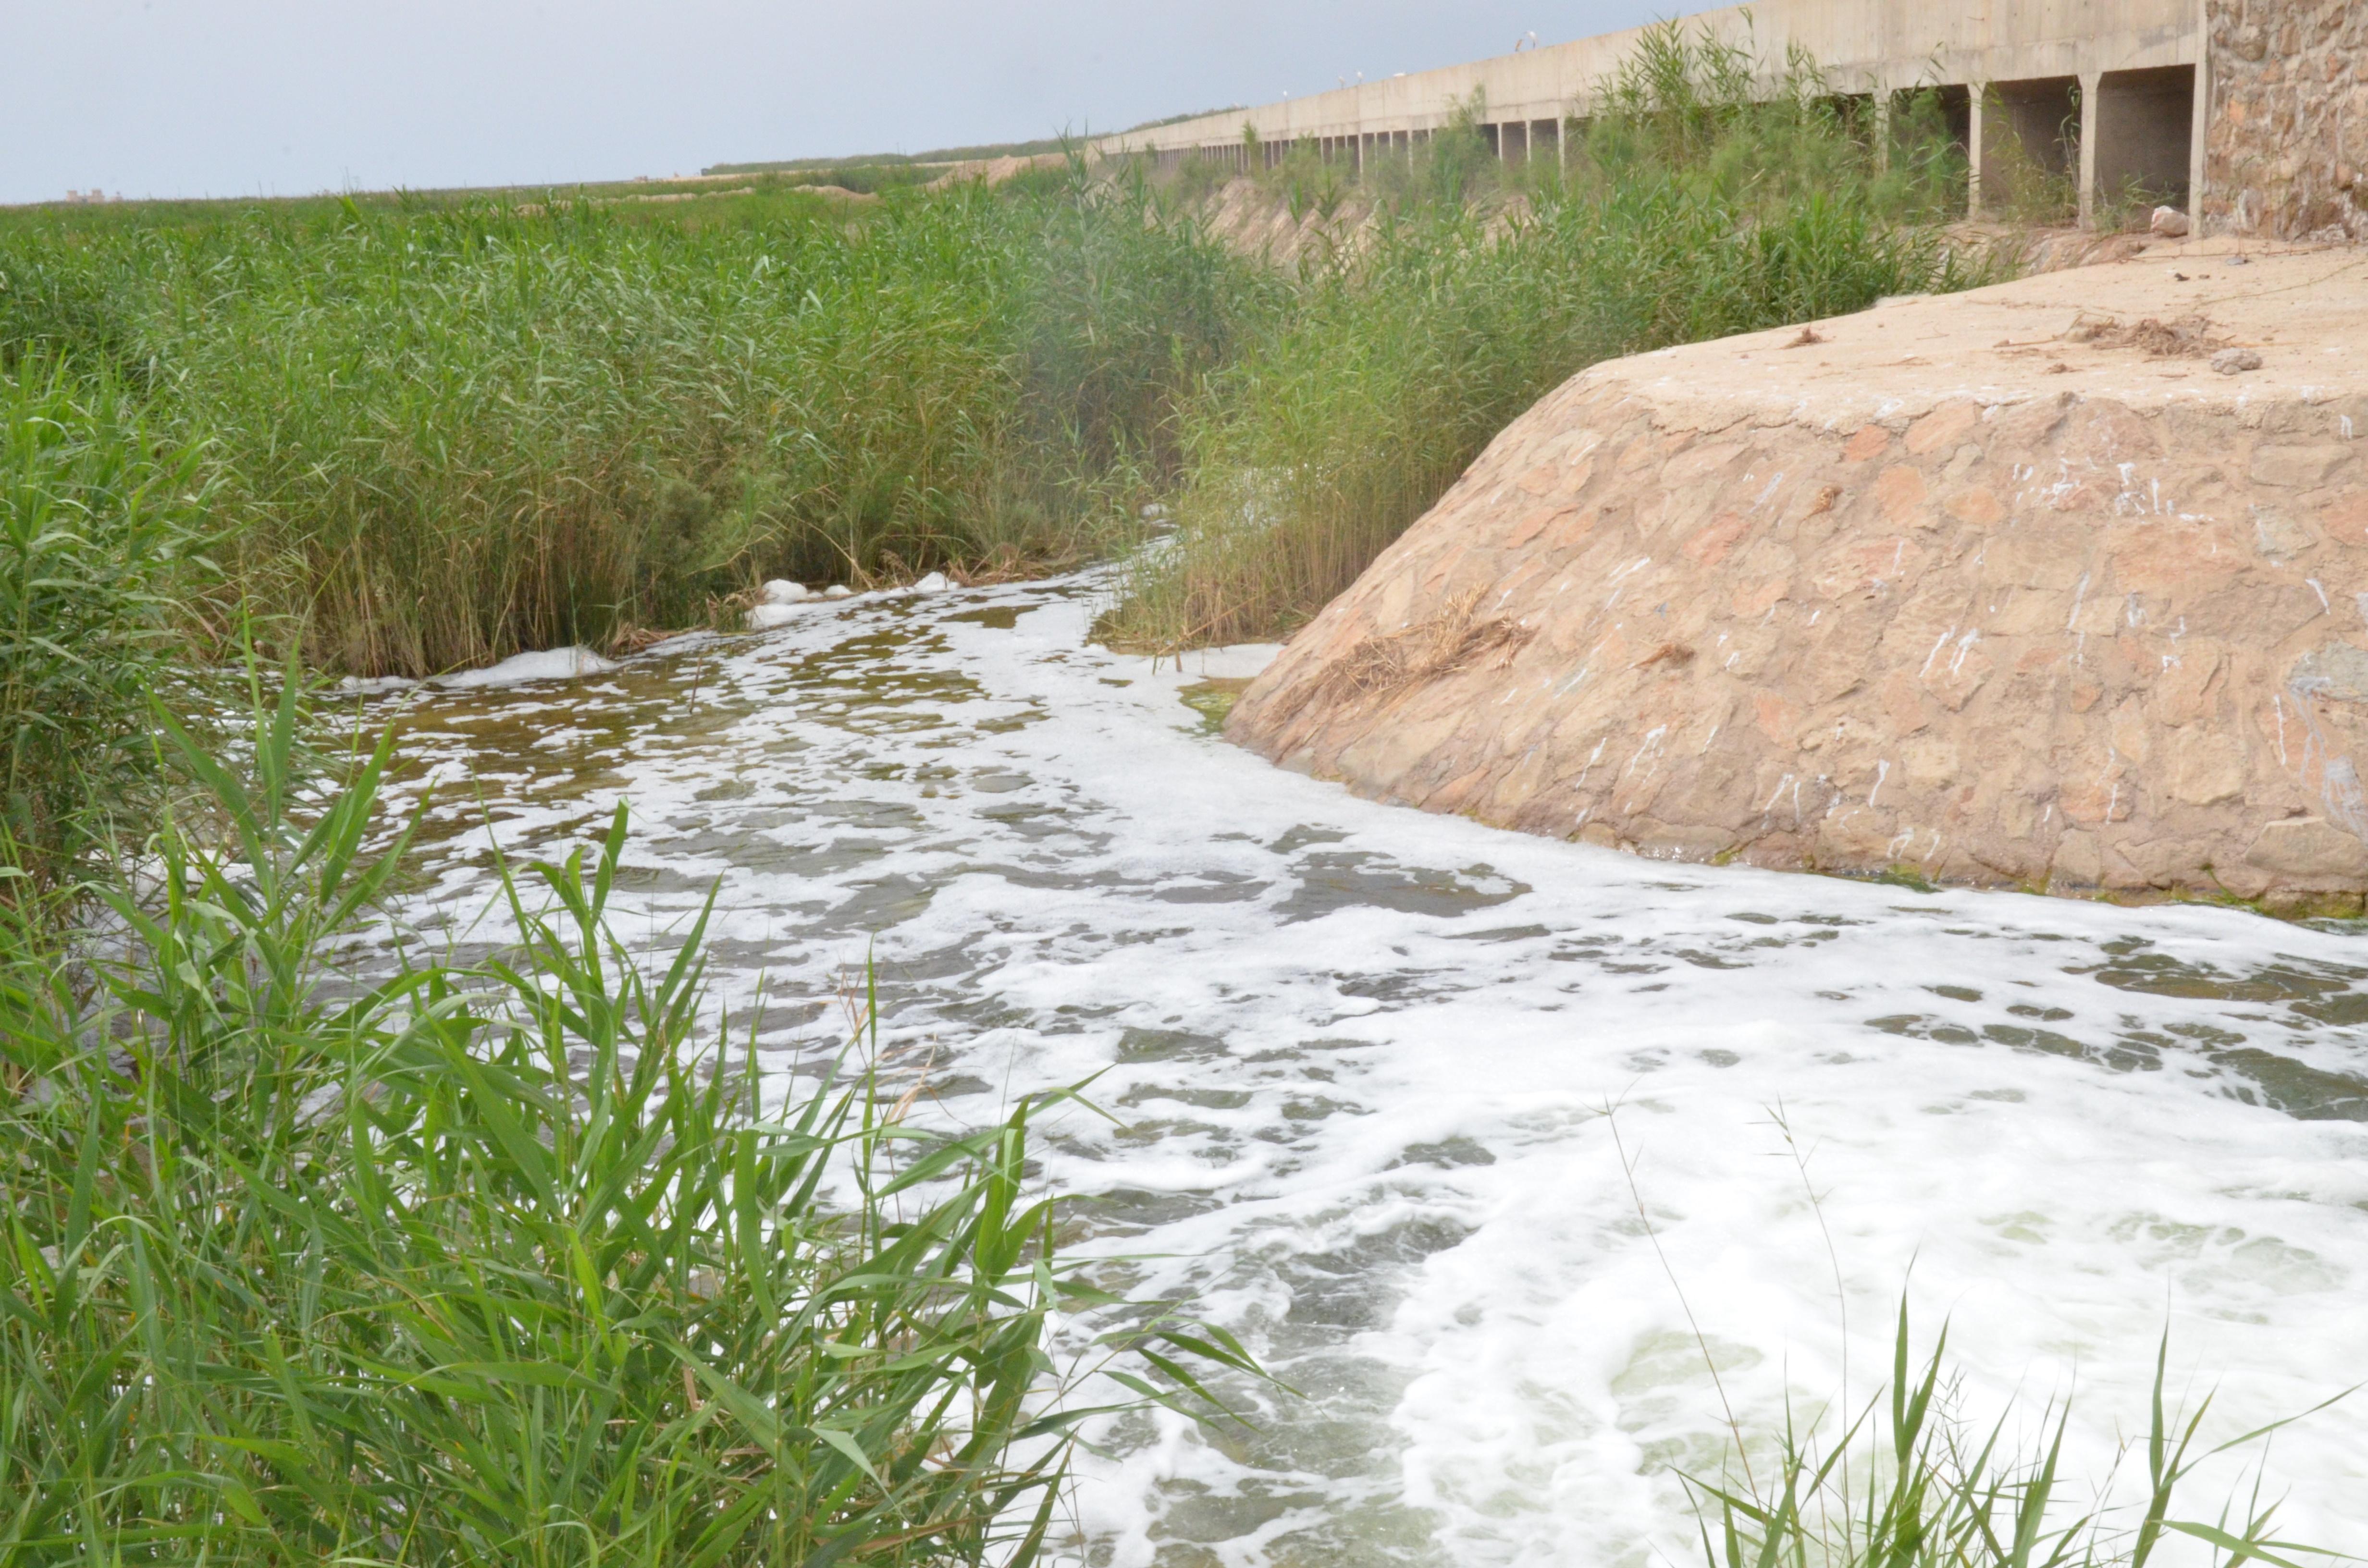 هورالعظیم پرآب شد تا گرد و خاک از خوزستان برود